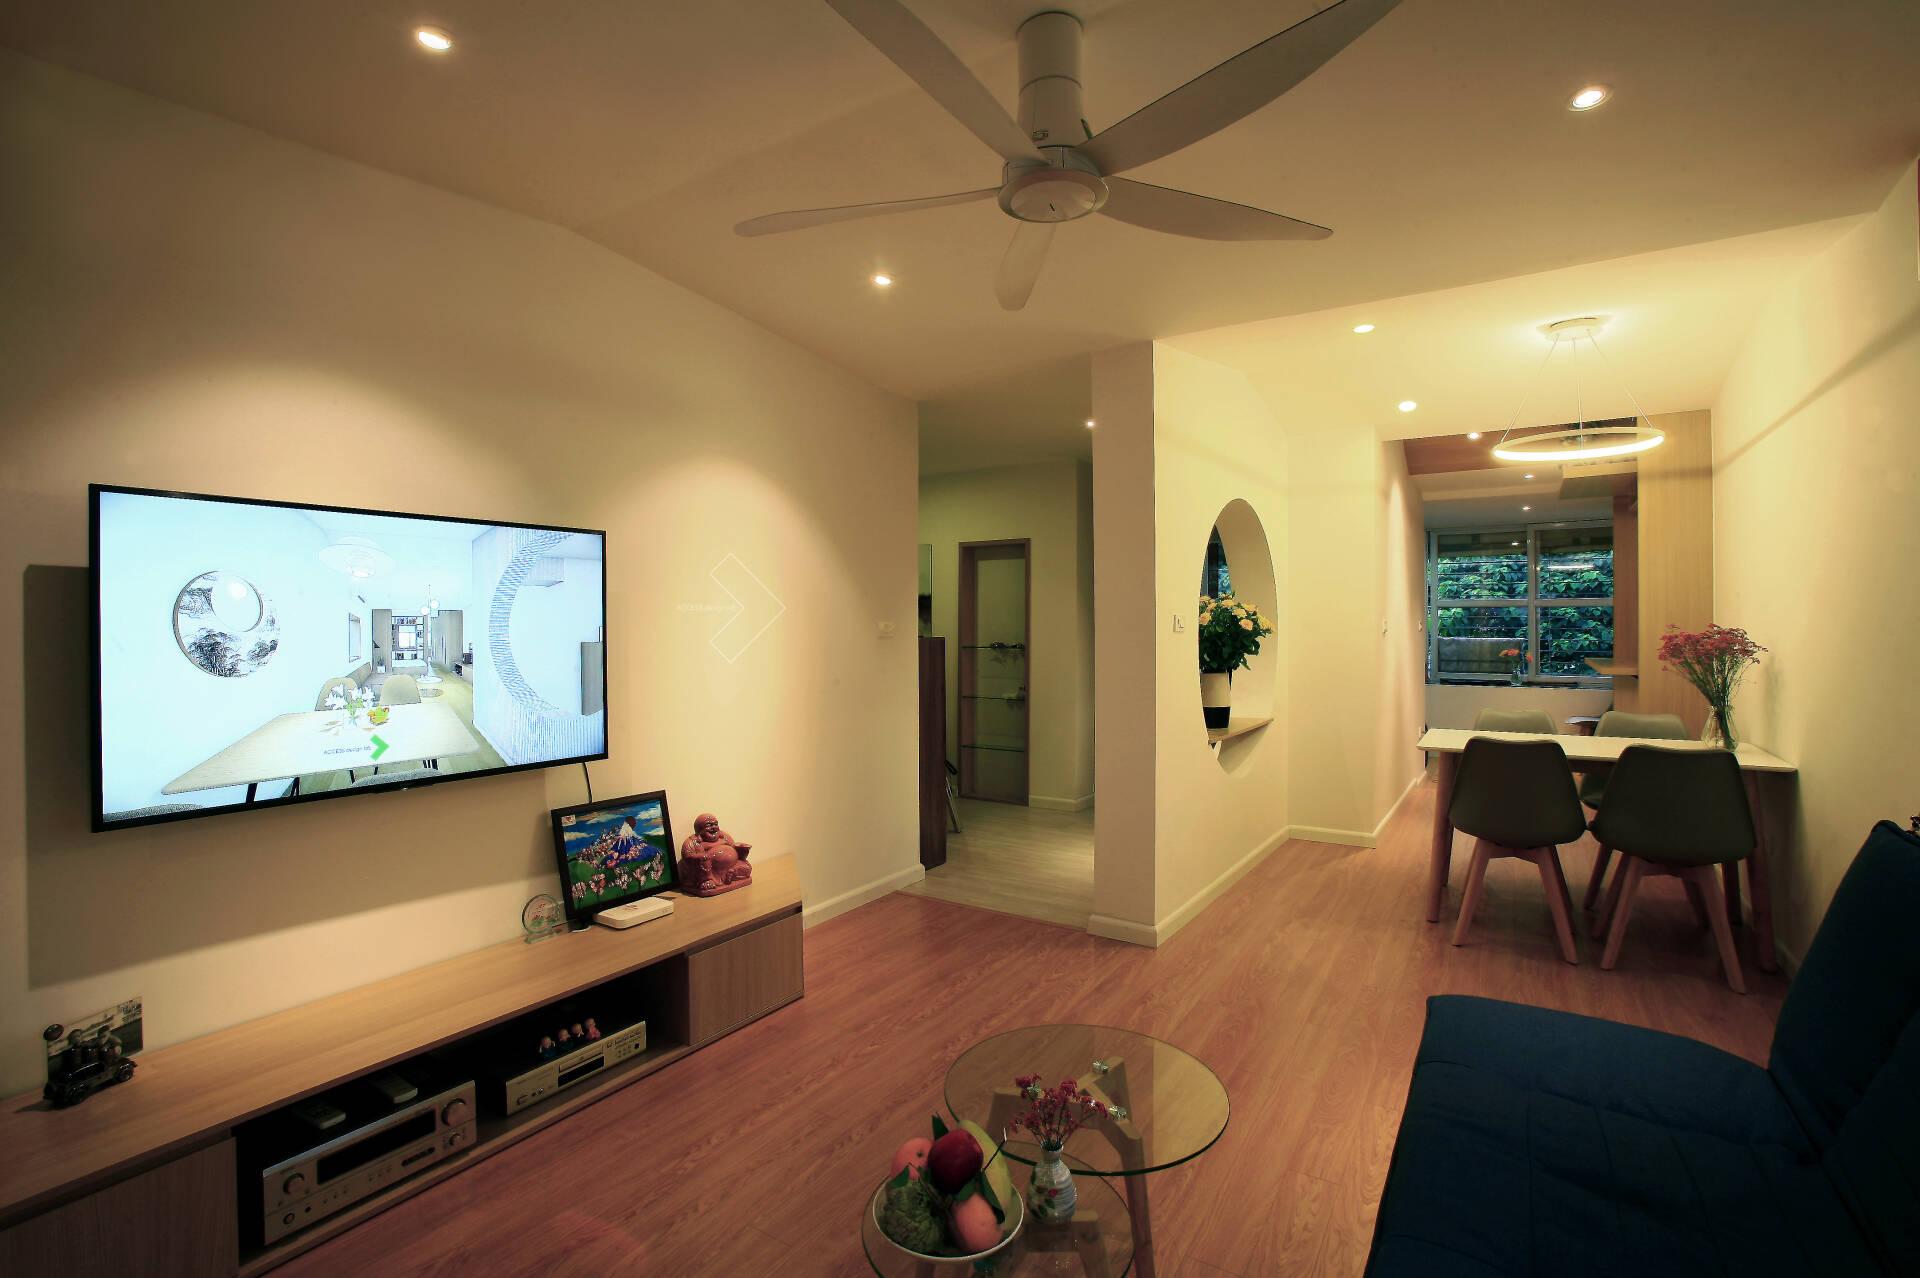 """""""Chuồng cọp"""" chật hẹp của nhà tập thể cũ 70m² biến thành không gian ấm cúng, rộng rãi với chi phí 320 triệu đồng ở Hà Nội  - Ảnh 4."""